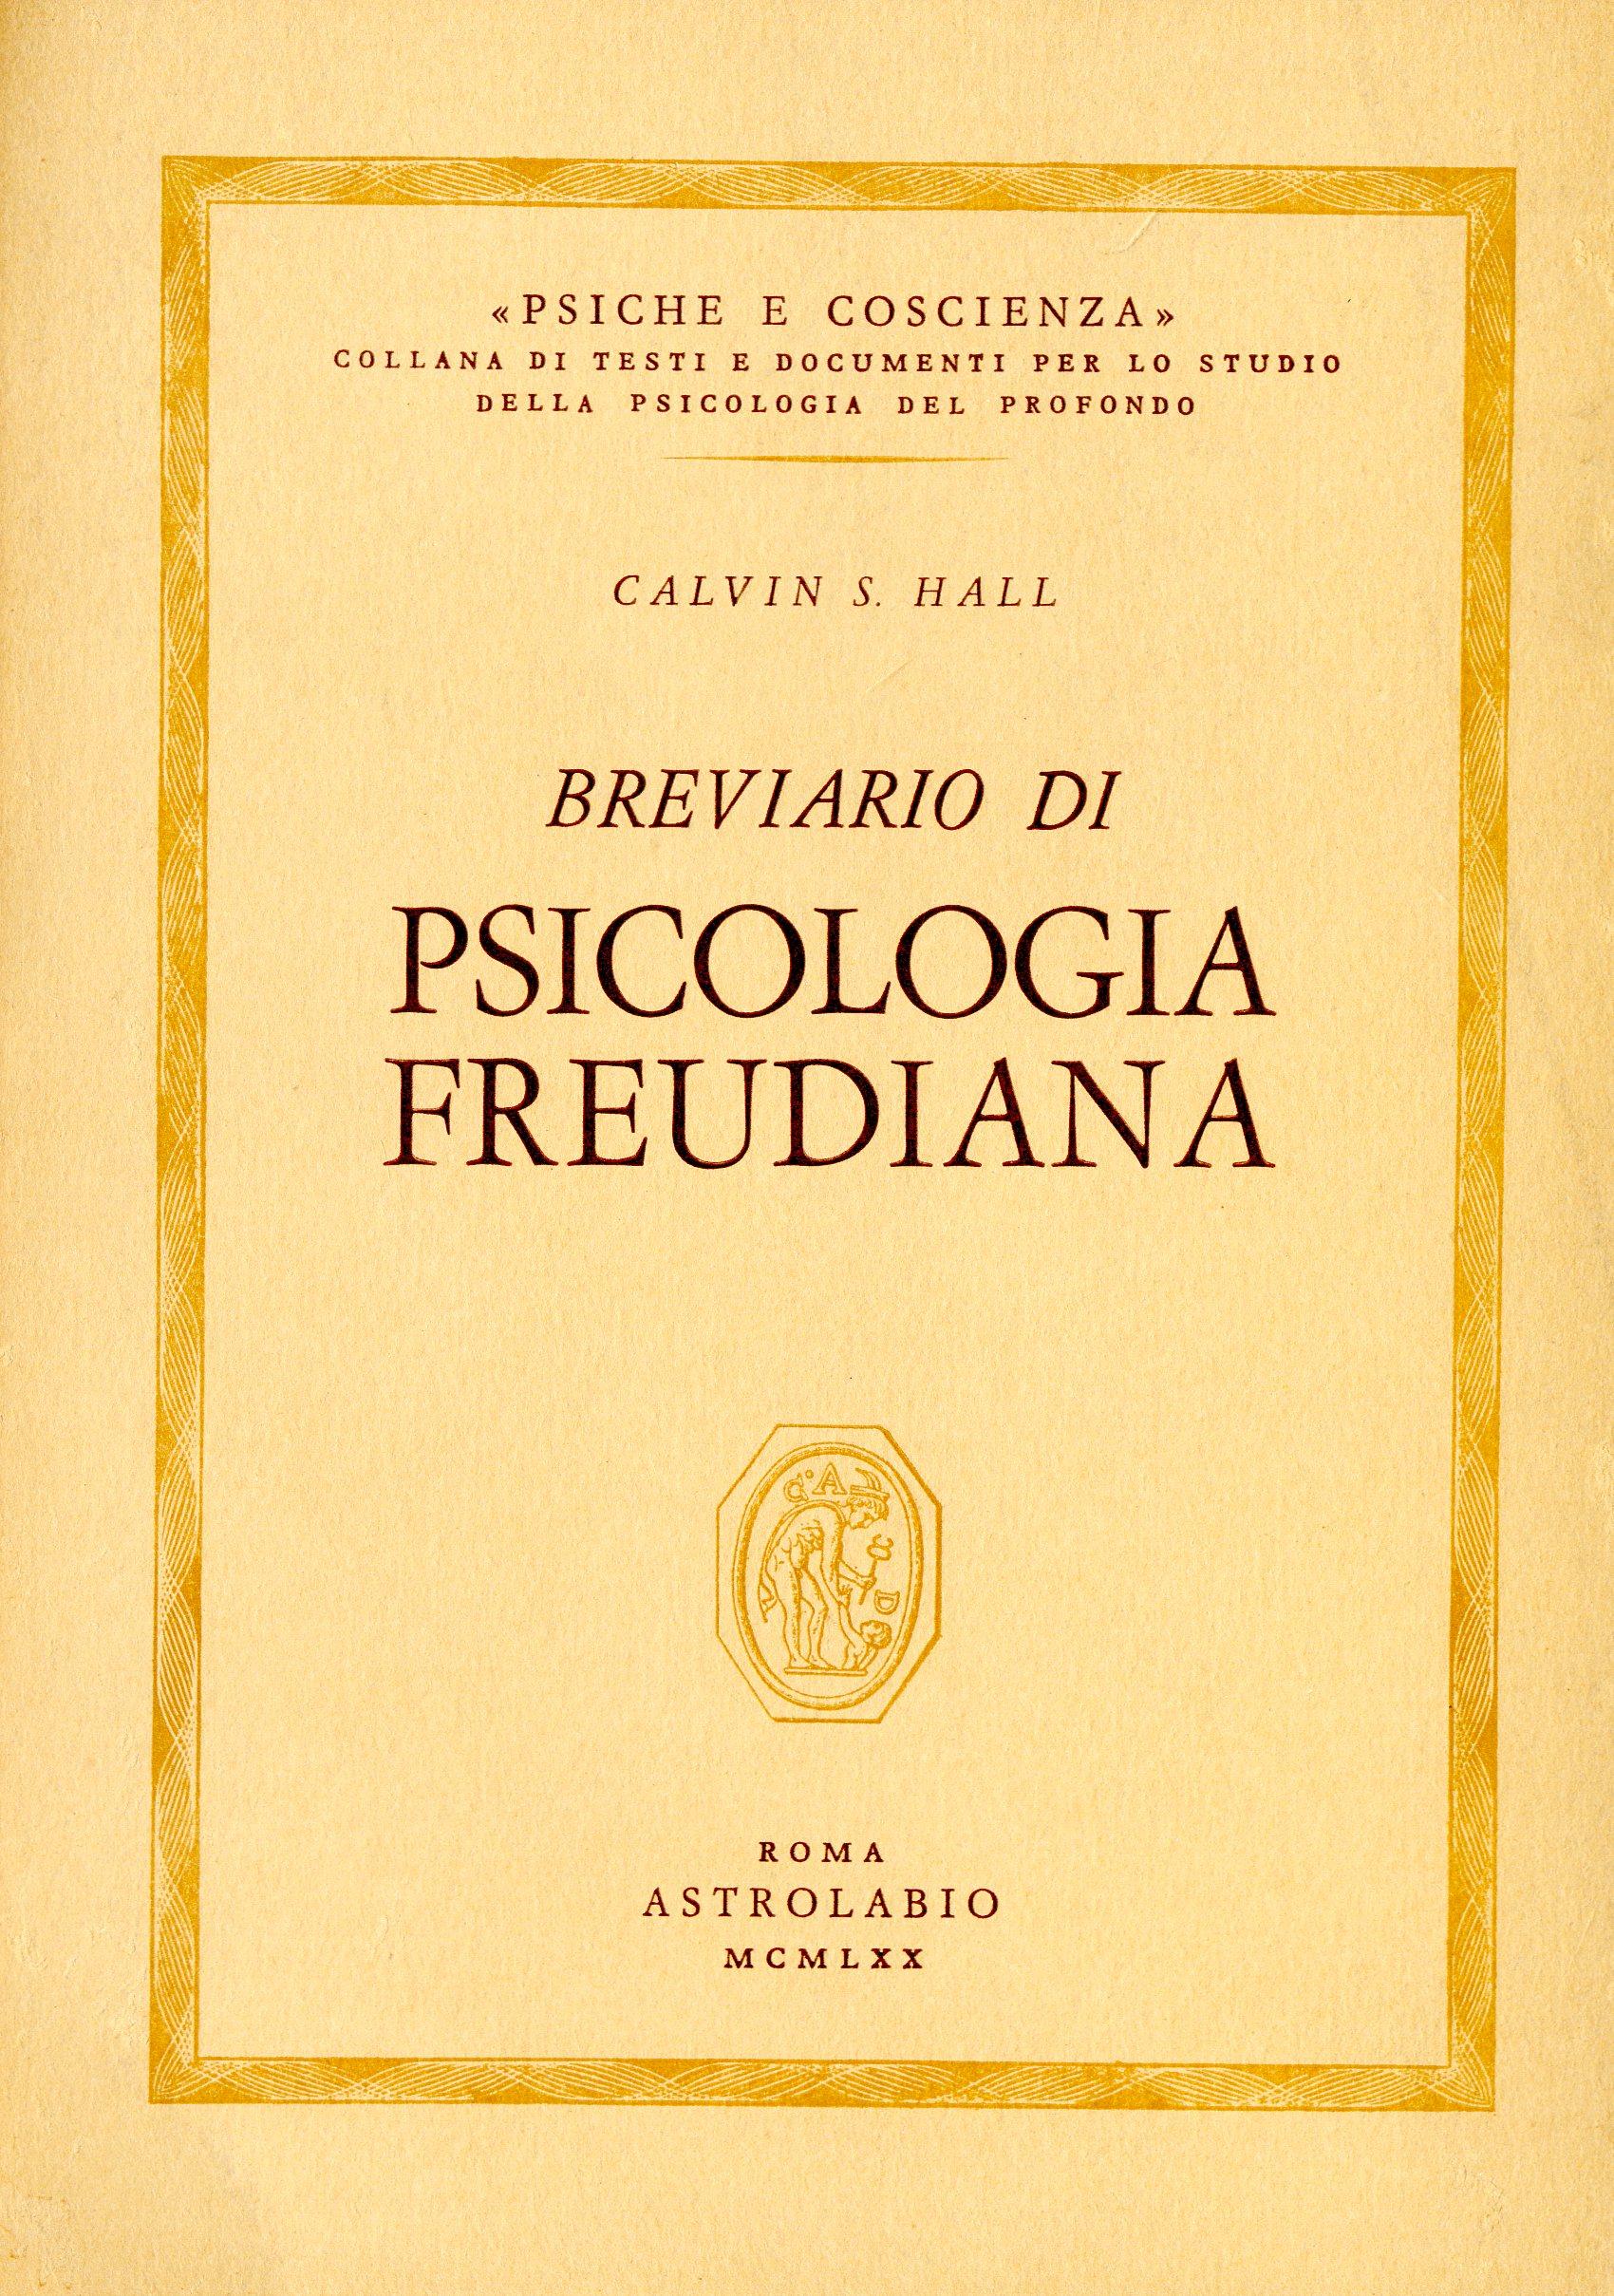 Breviario di psicologia freudiana